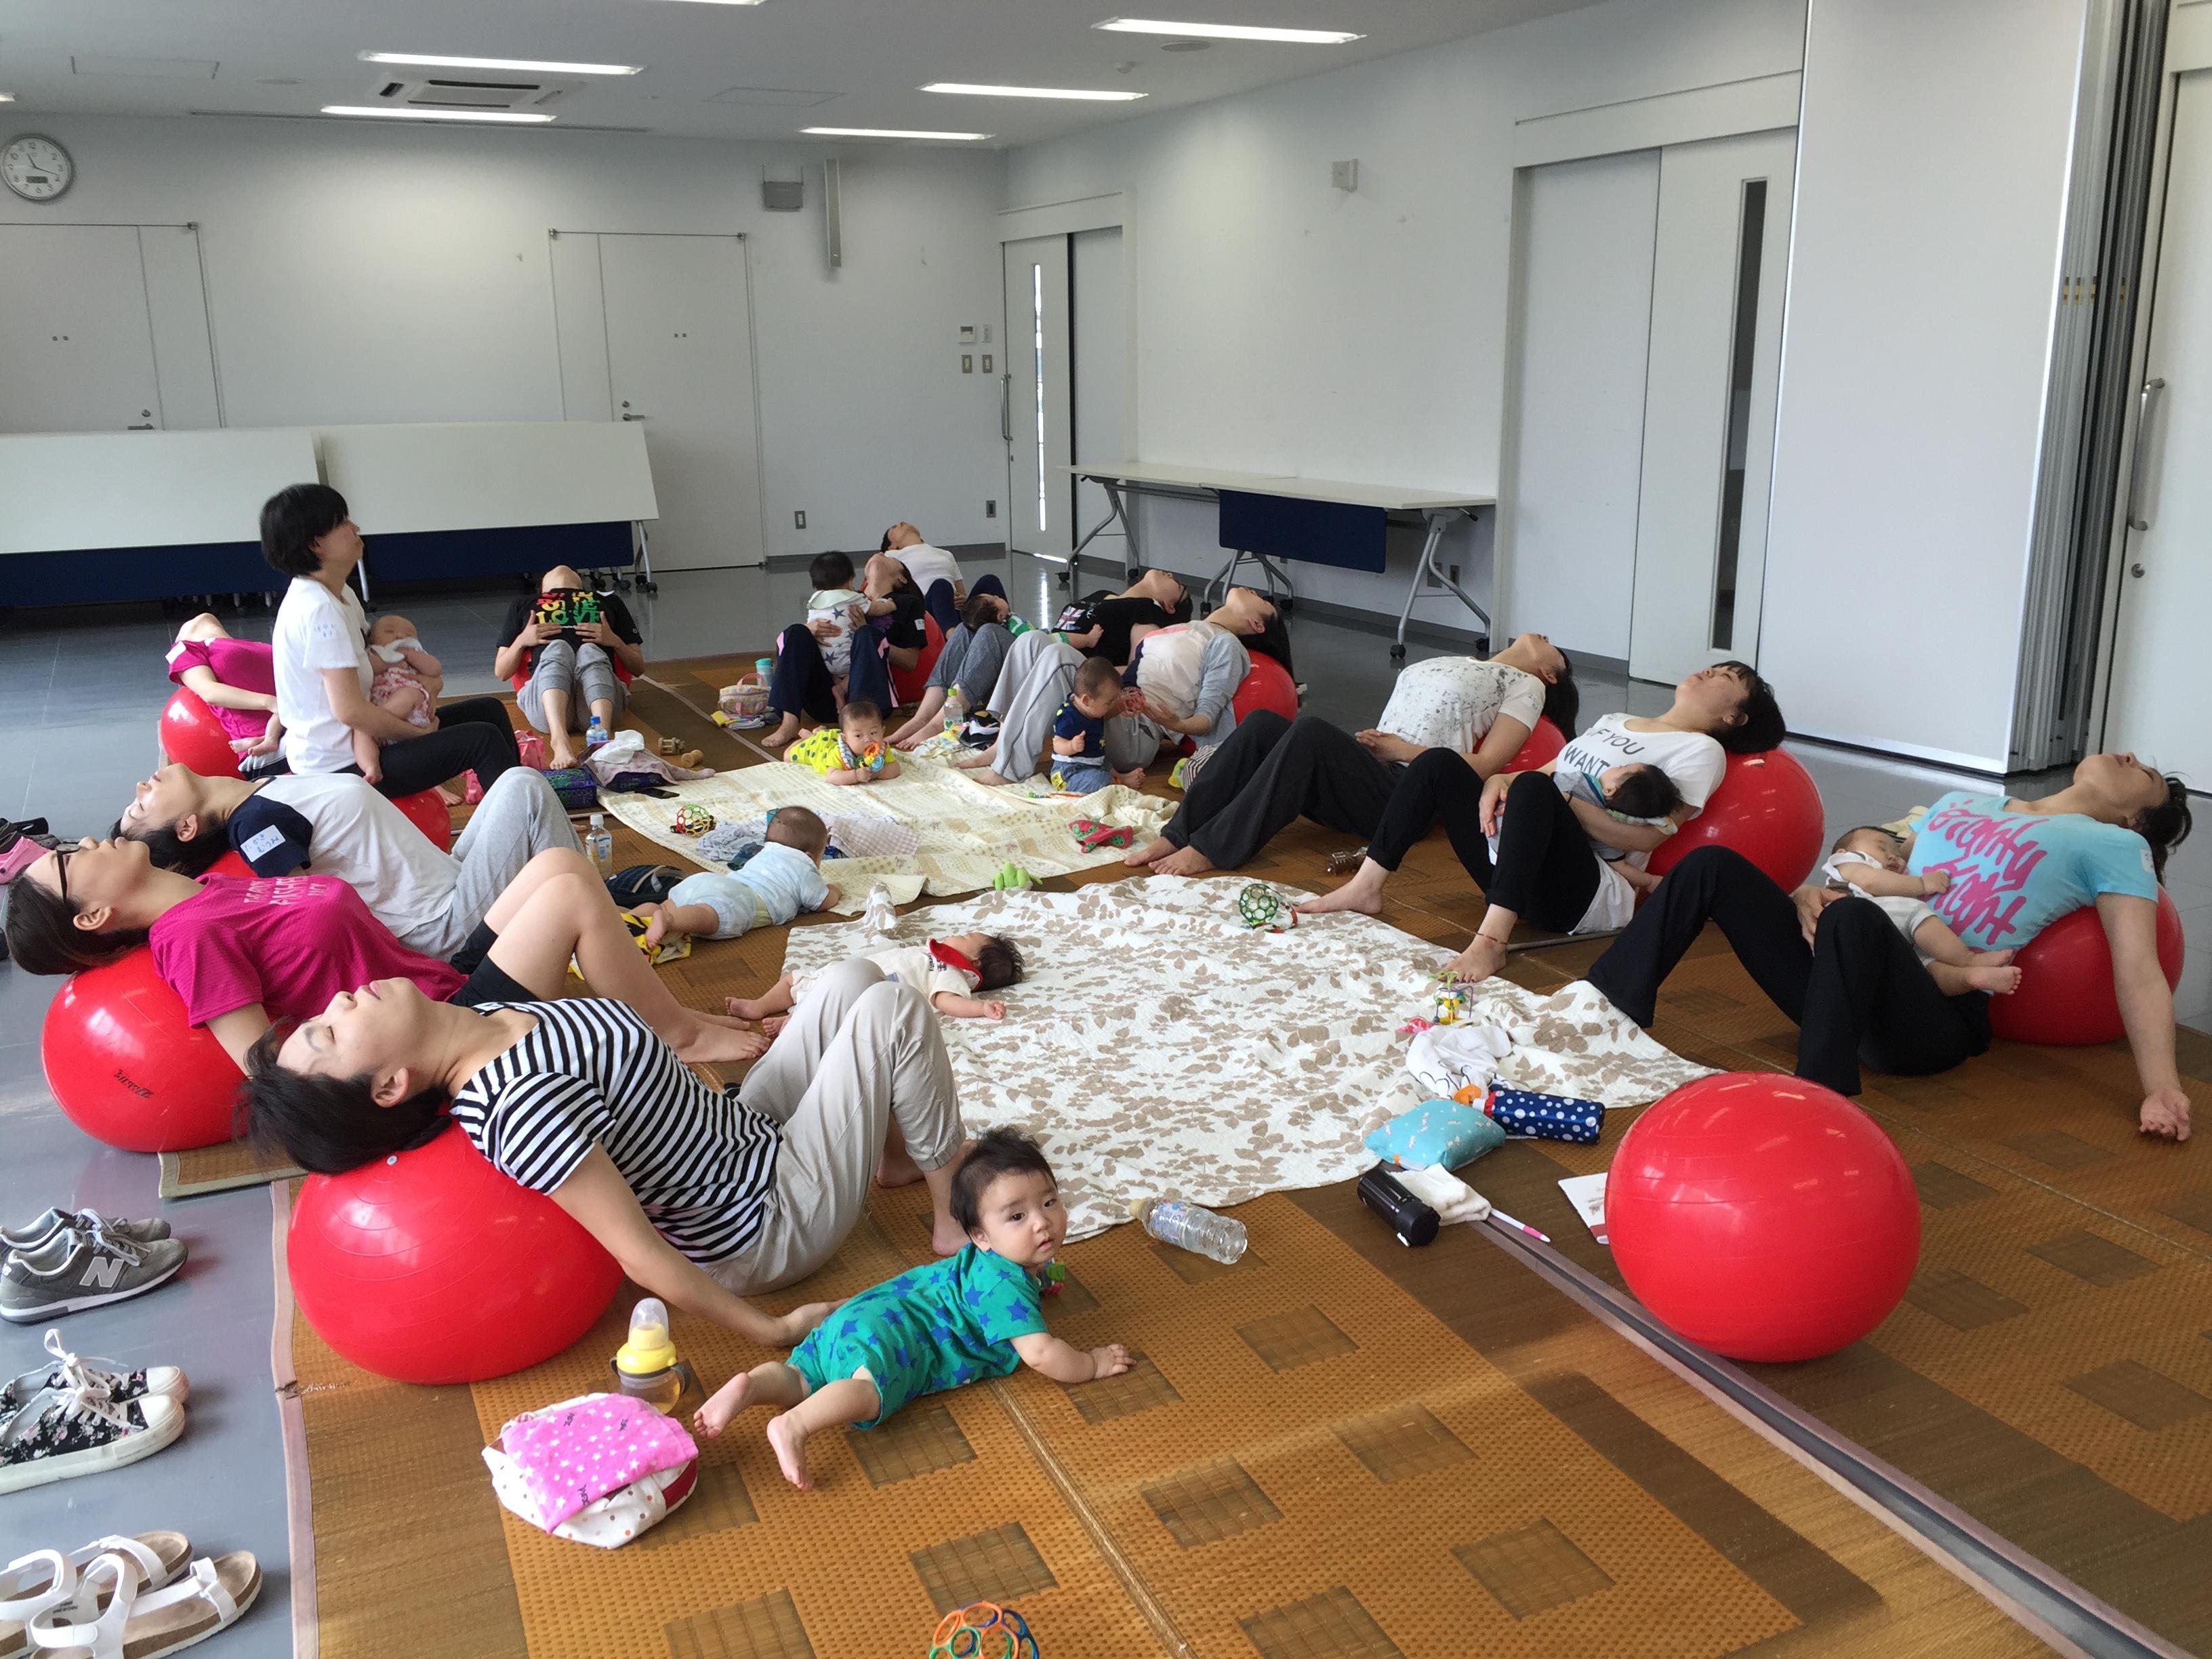 産後の体型、腰痛、骨盤。触って?感じて?確認して。長岡市子育ての駅ぐんぐんさま「産後バランスボール体験会」開催報告。